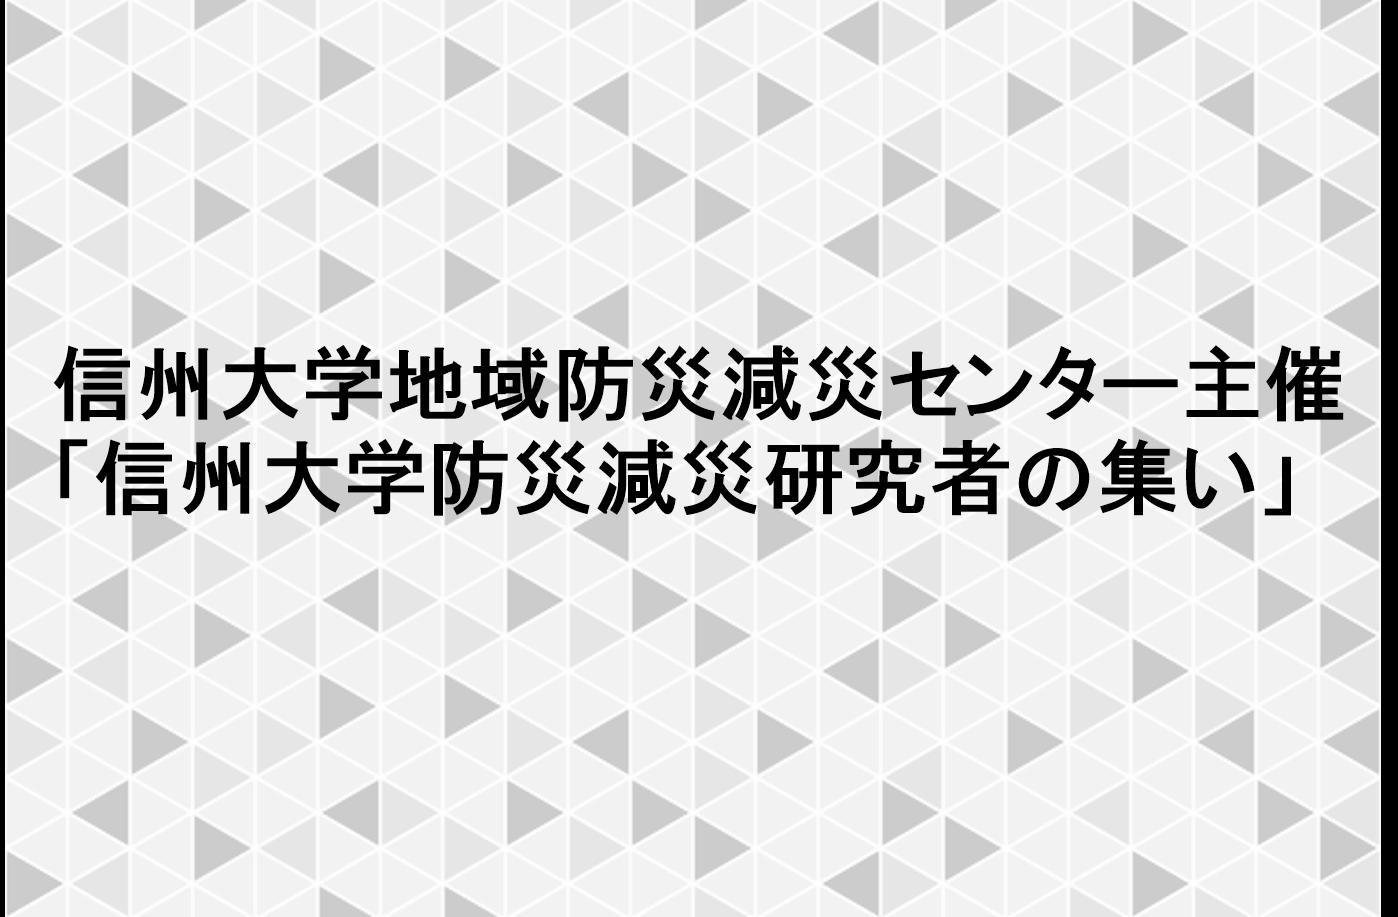 【開催報告】信州大学地域防災減災センター主催「信州大学防災減災研究者の集い」